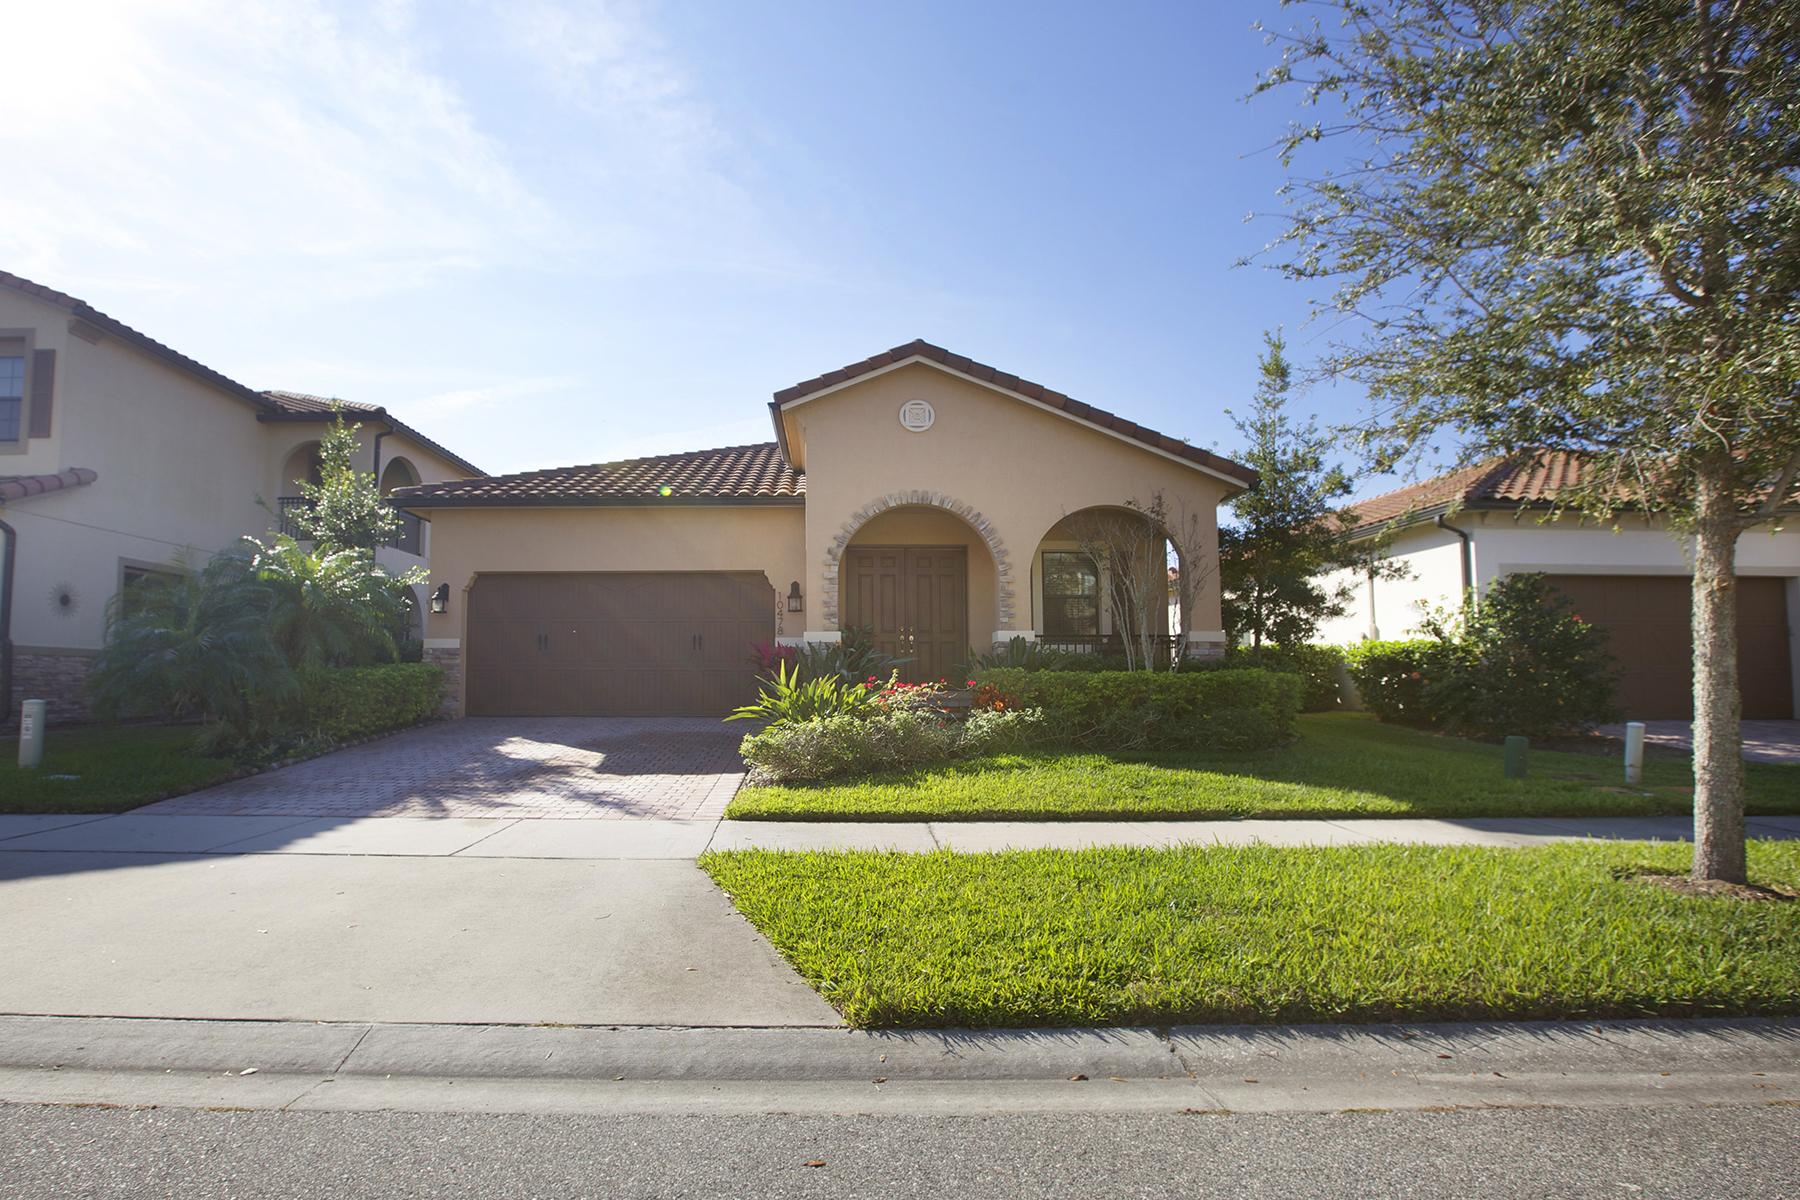 独户住宅 为 销售 在 ORLANDO 10478 Henbury St, 奥兰多, 佛罗里达州, 32832 美国